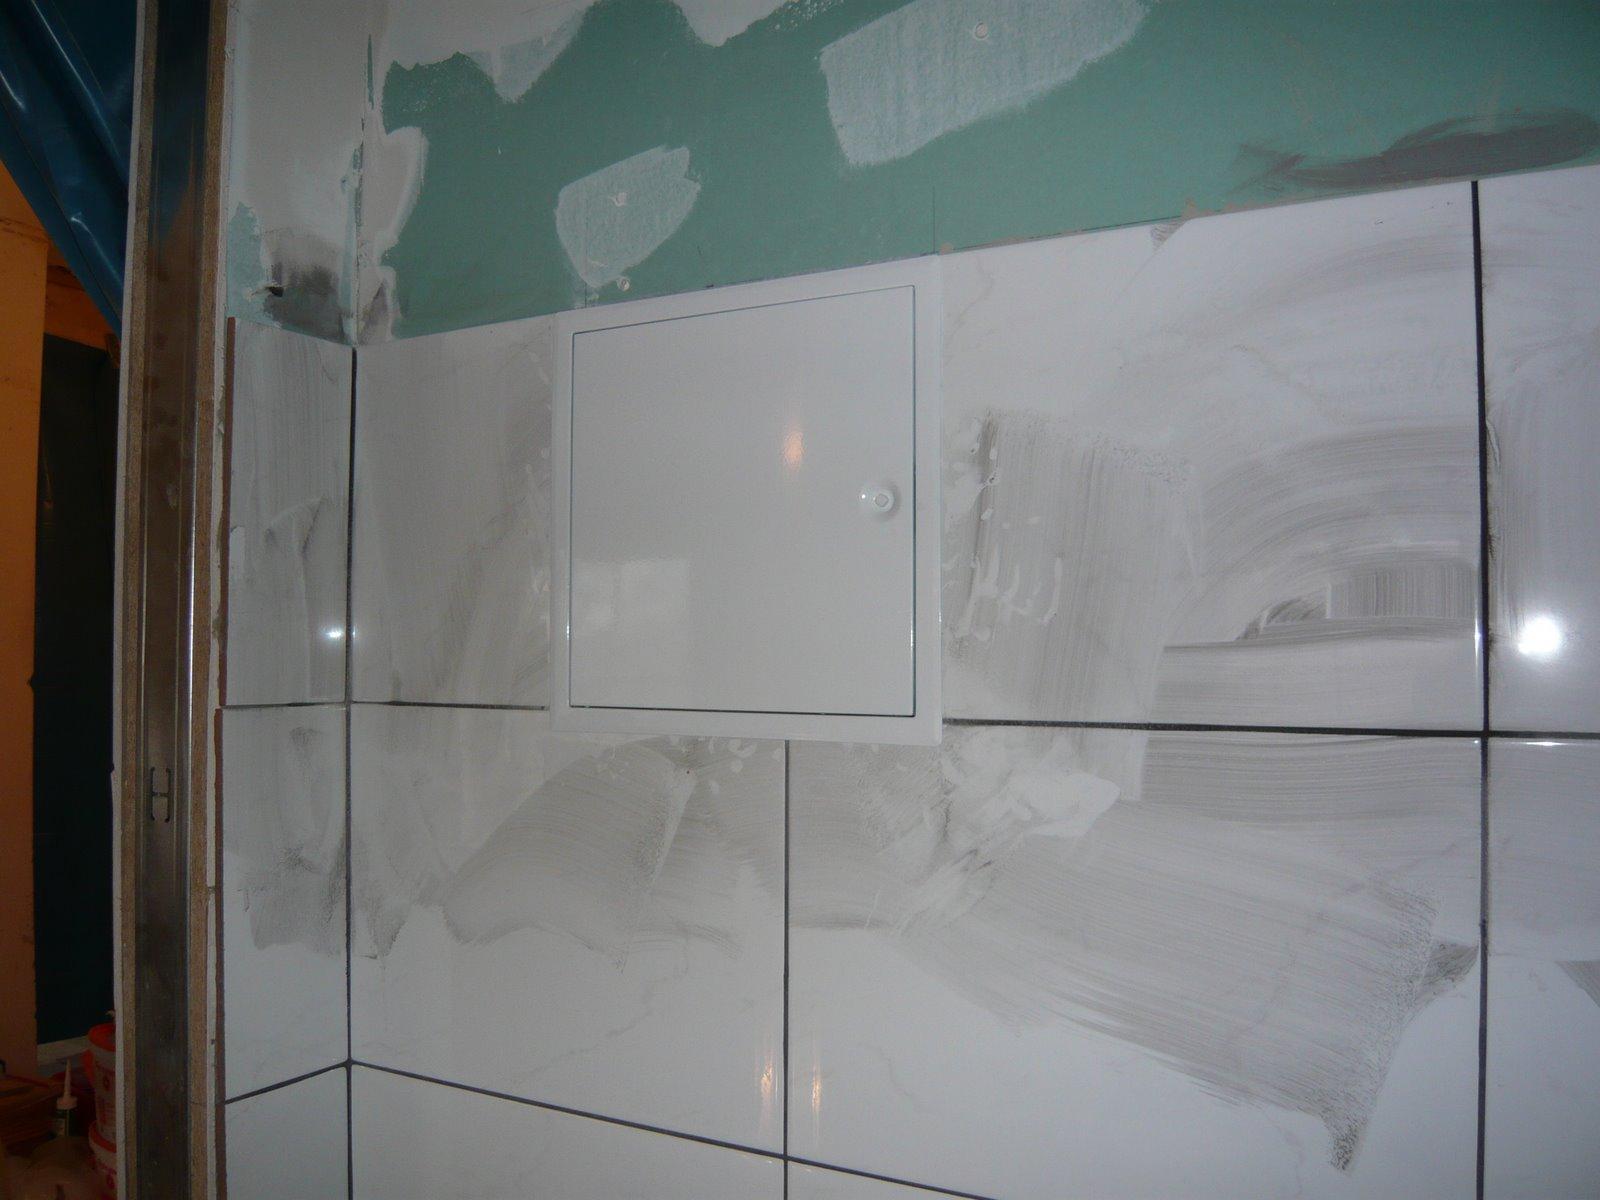 abschlussleisten fliesen 28 images abschlussleisten f 252 r fliesen aw46 hitoiro wunderbar. Black Bedroom Furniture Sets. Home Design Ideas